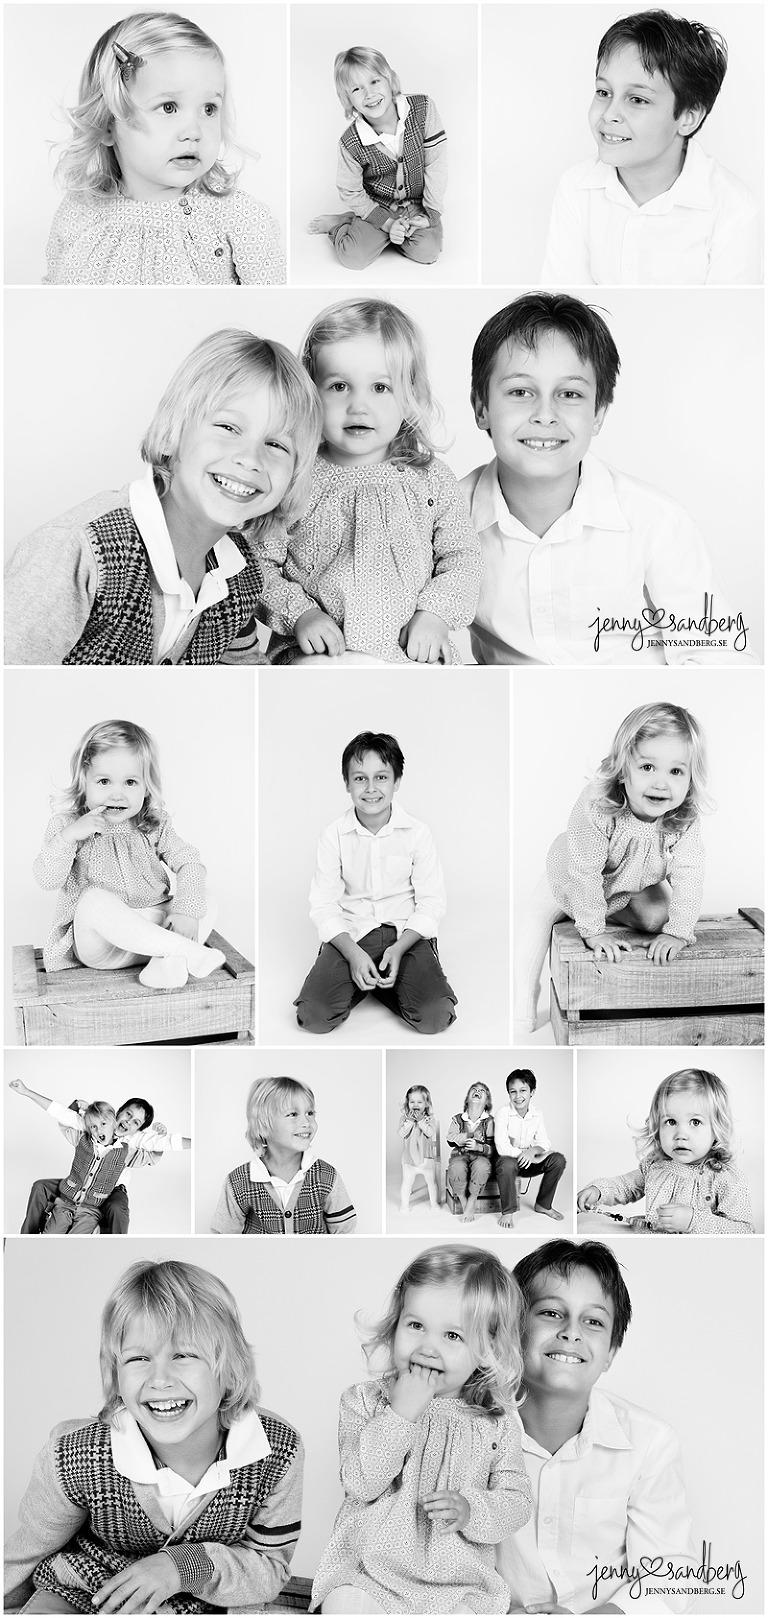 Barnfotograf Lund, Babyfotograf Lund, Barnfotograf Malmö